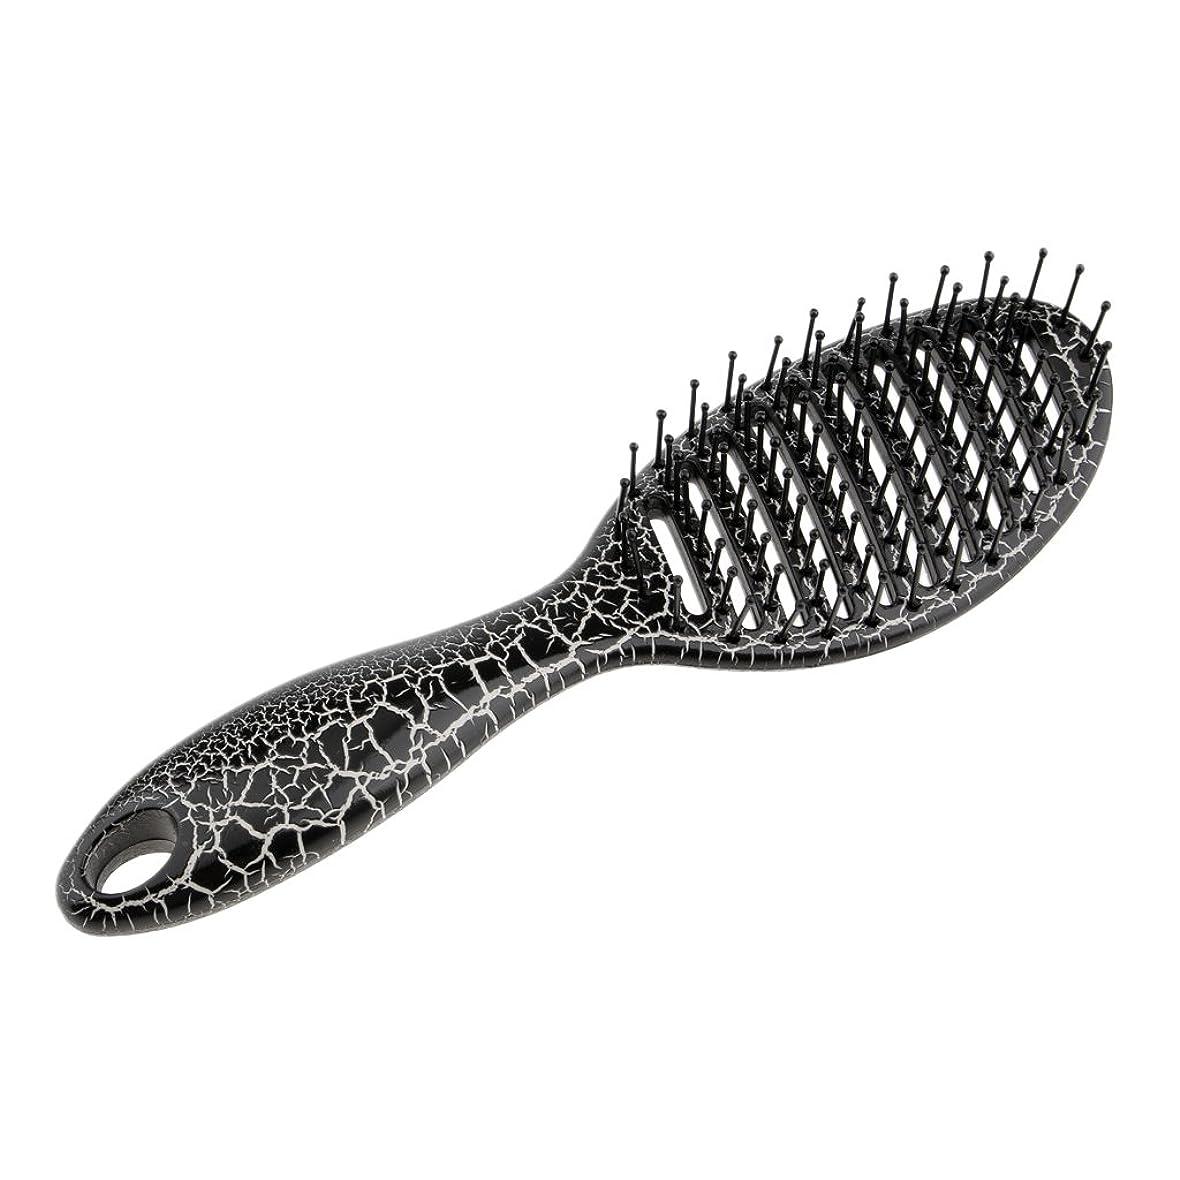 おんどりテスト冷酷なユニセックスサロンヘアブラシマッサージディタングルパドルヘアブラシ大きな行の櫛 - ブラック